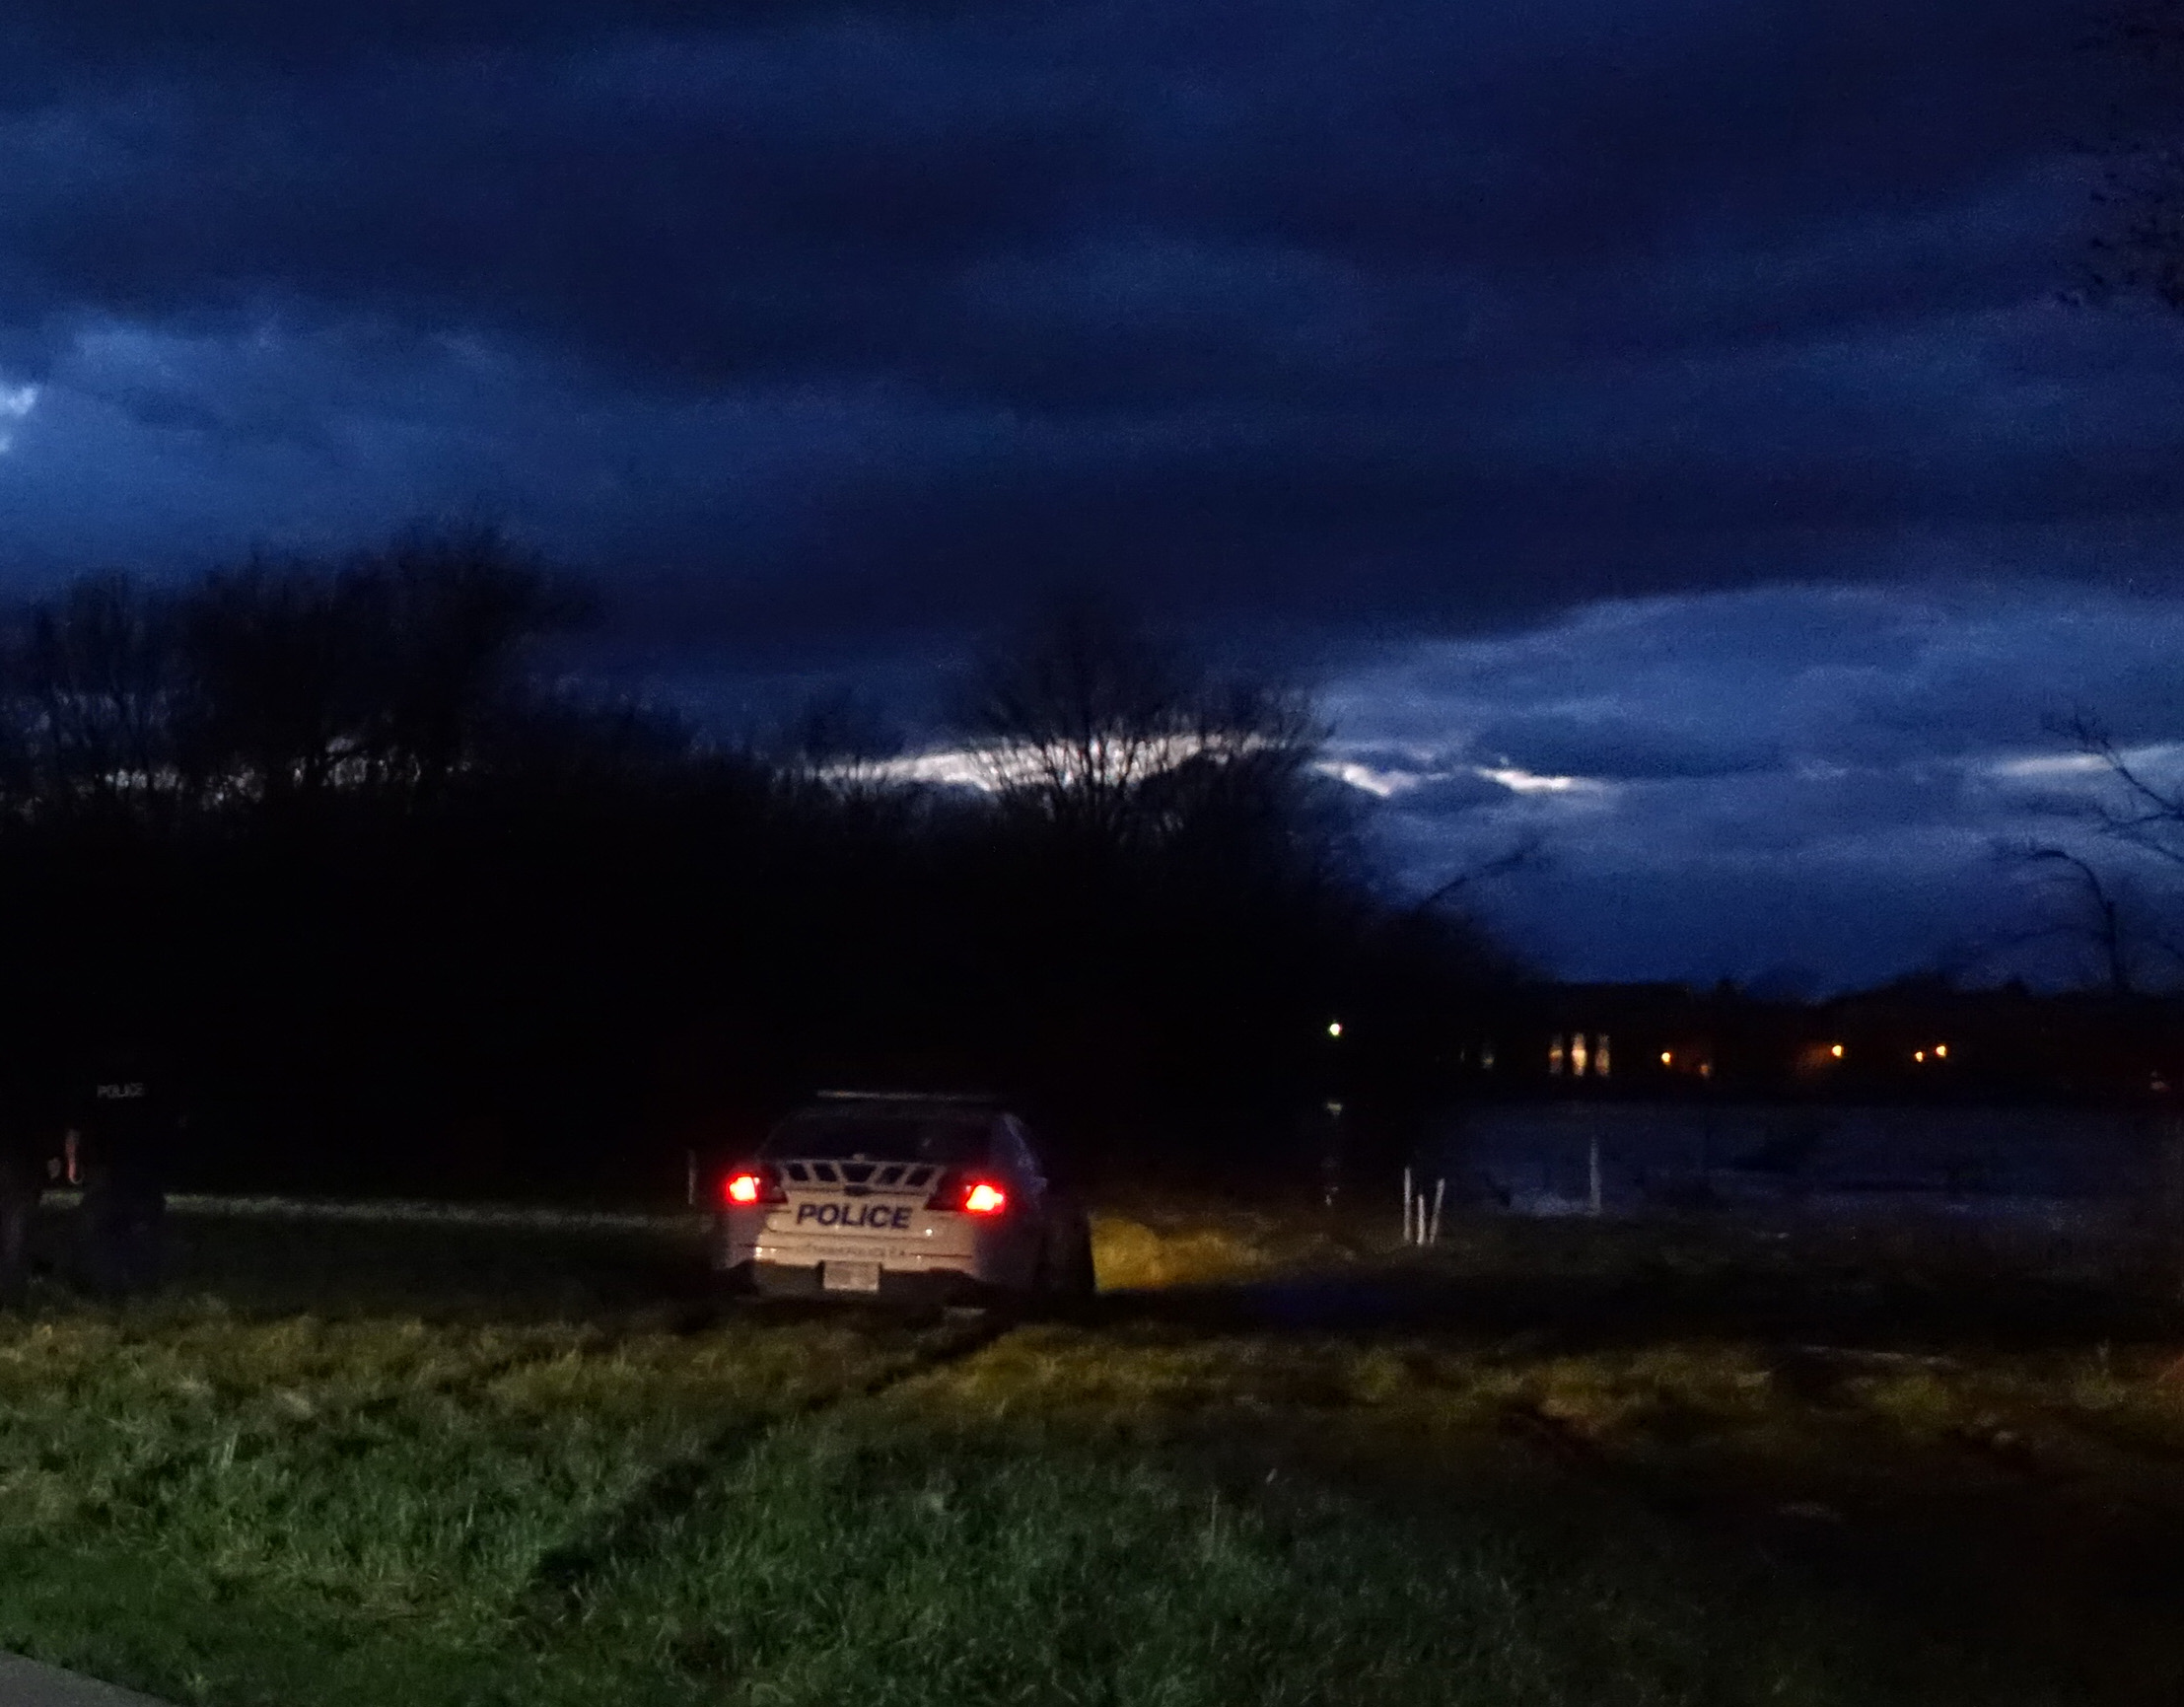 Lors d'une patrouille préventive en fin de soirée, un agent sauve la vie d'une femme